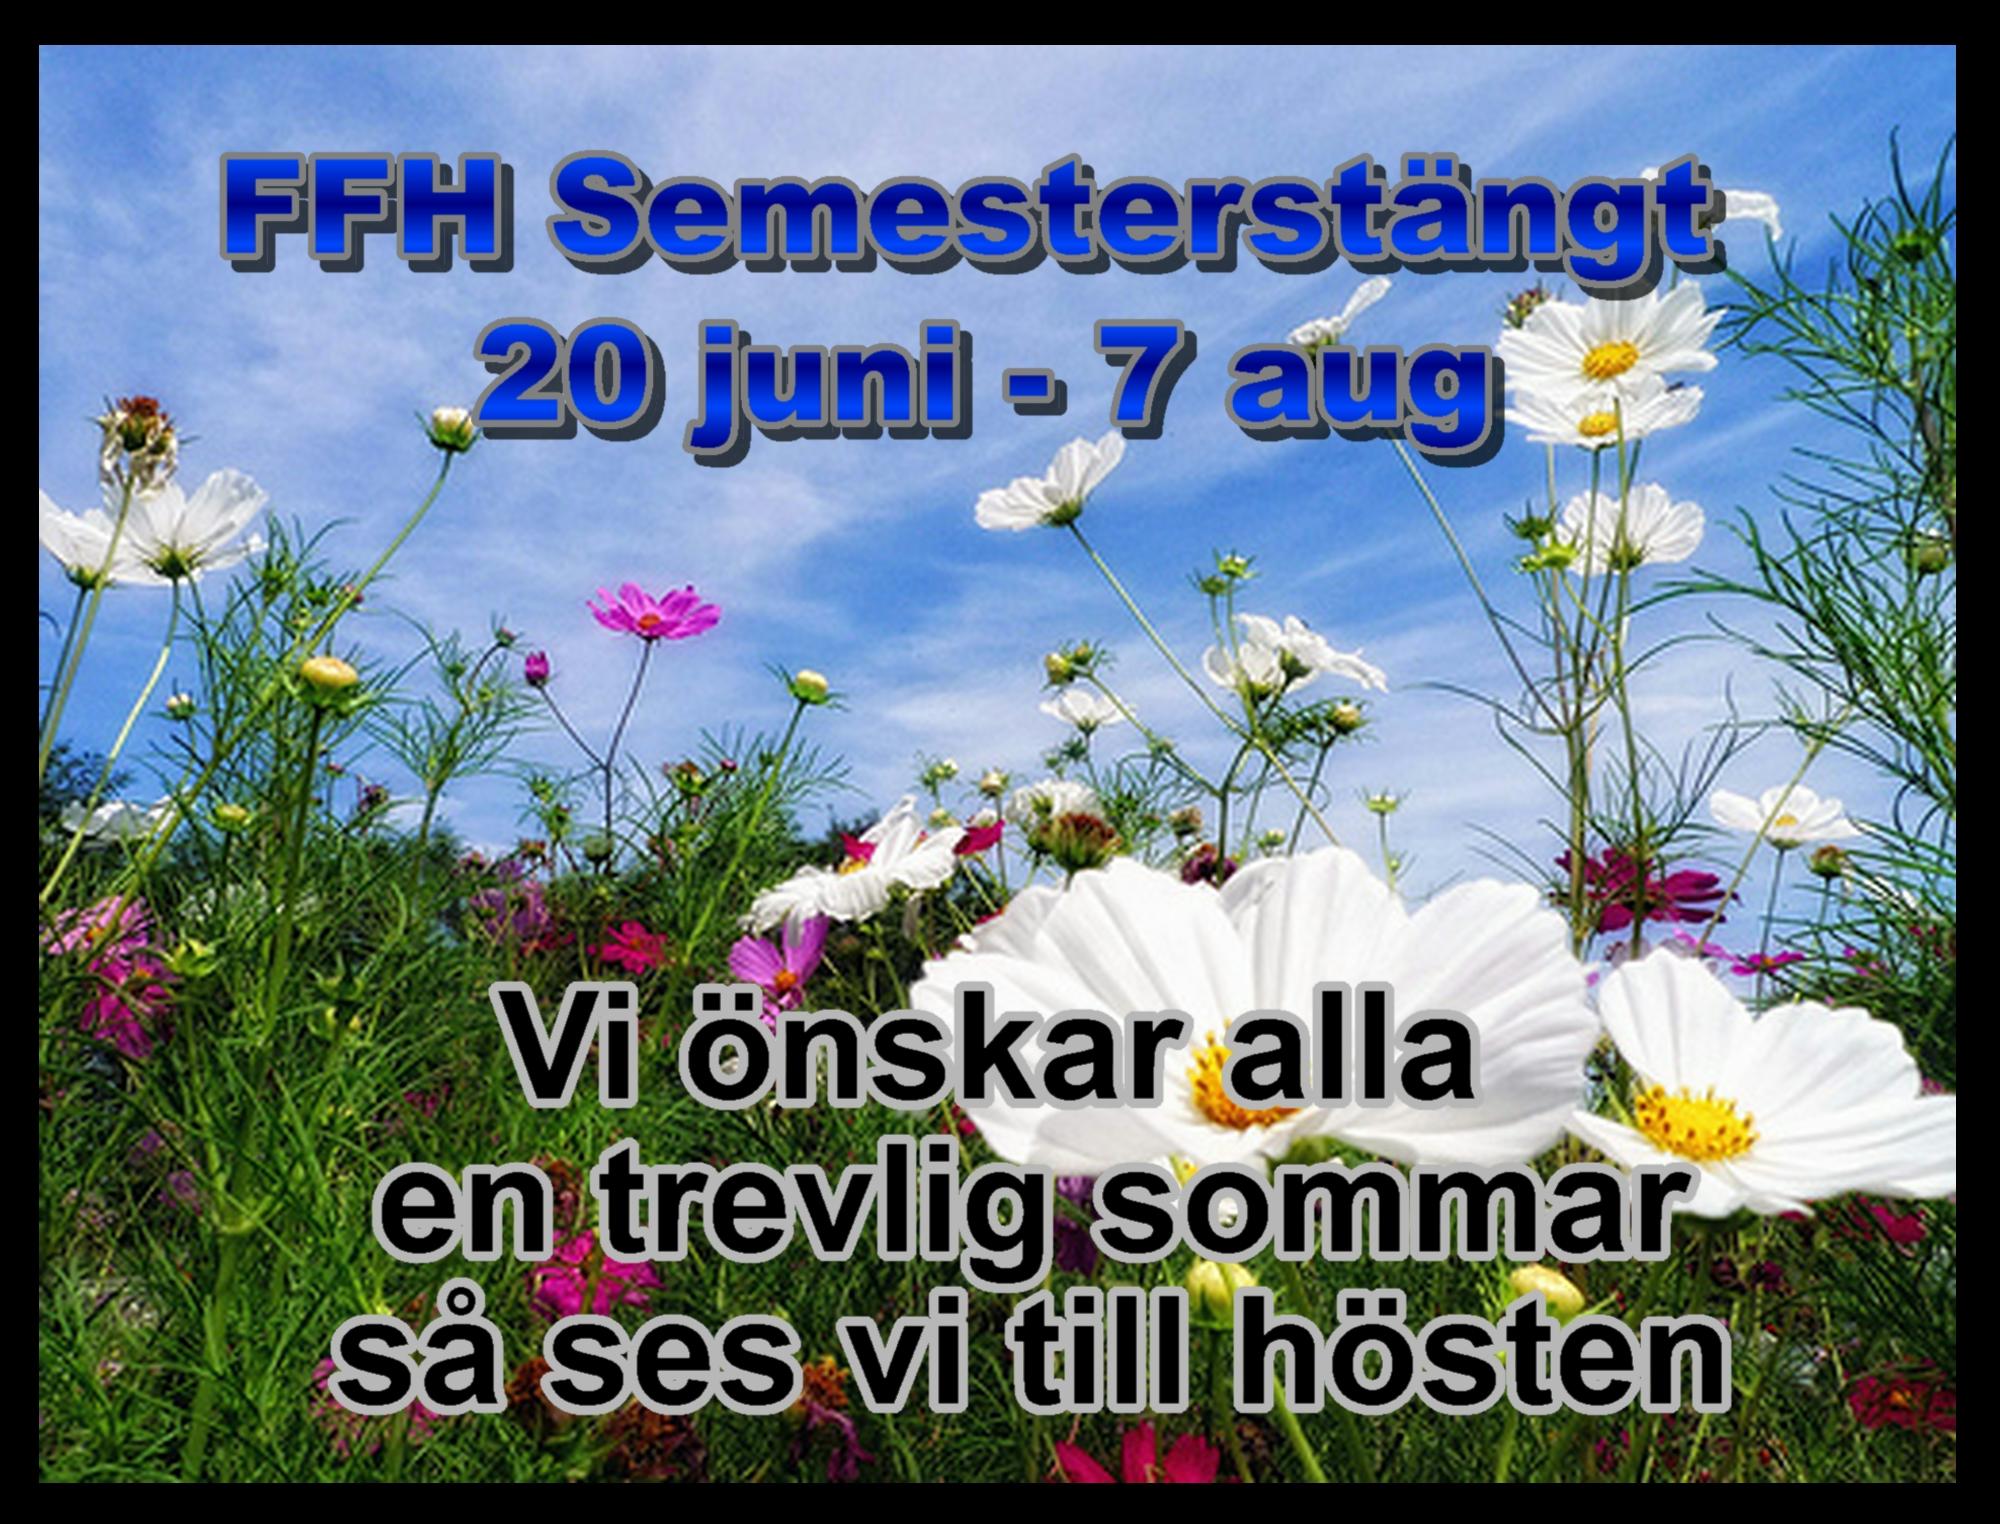 Semesterstängt FFH